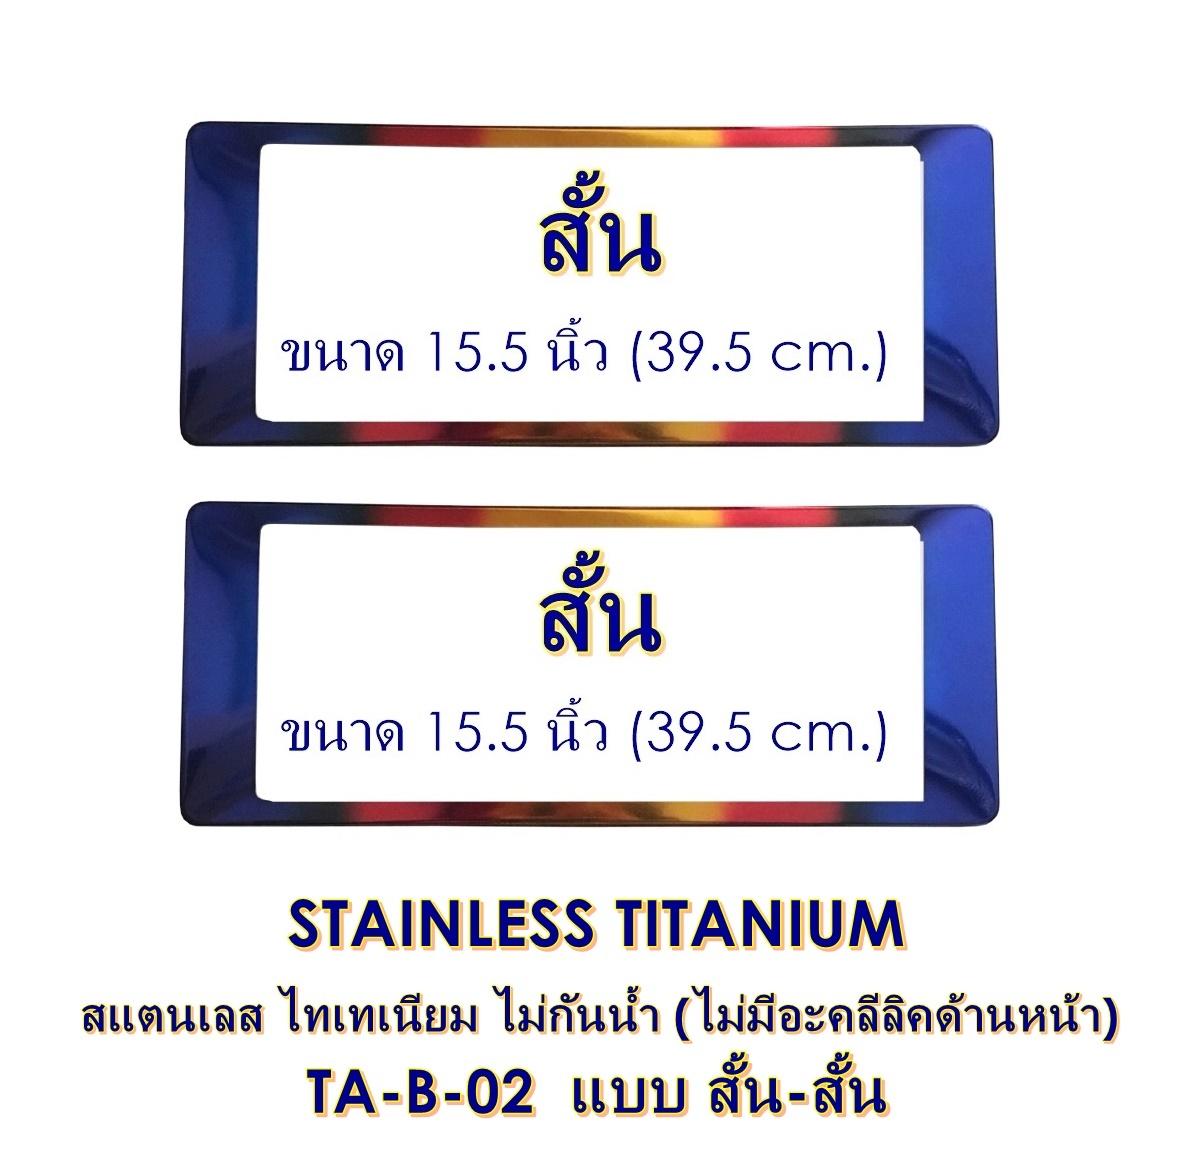 STAINLESS TITANIUM กรอบป้าย ไม่กันน้ำ TA-B-02 SS แบบสั้นสั้น 2 ชิ้น สแตนเลส ไทเทเนียม สวยไม่ซ้ำใคร